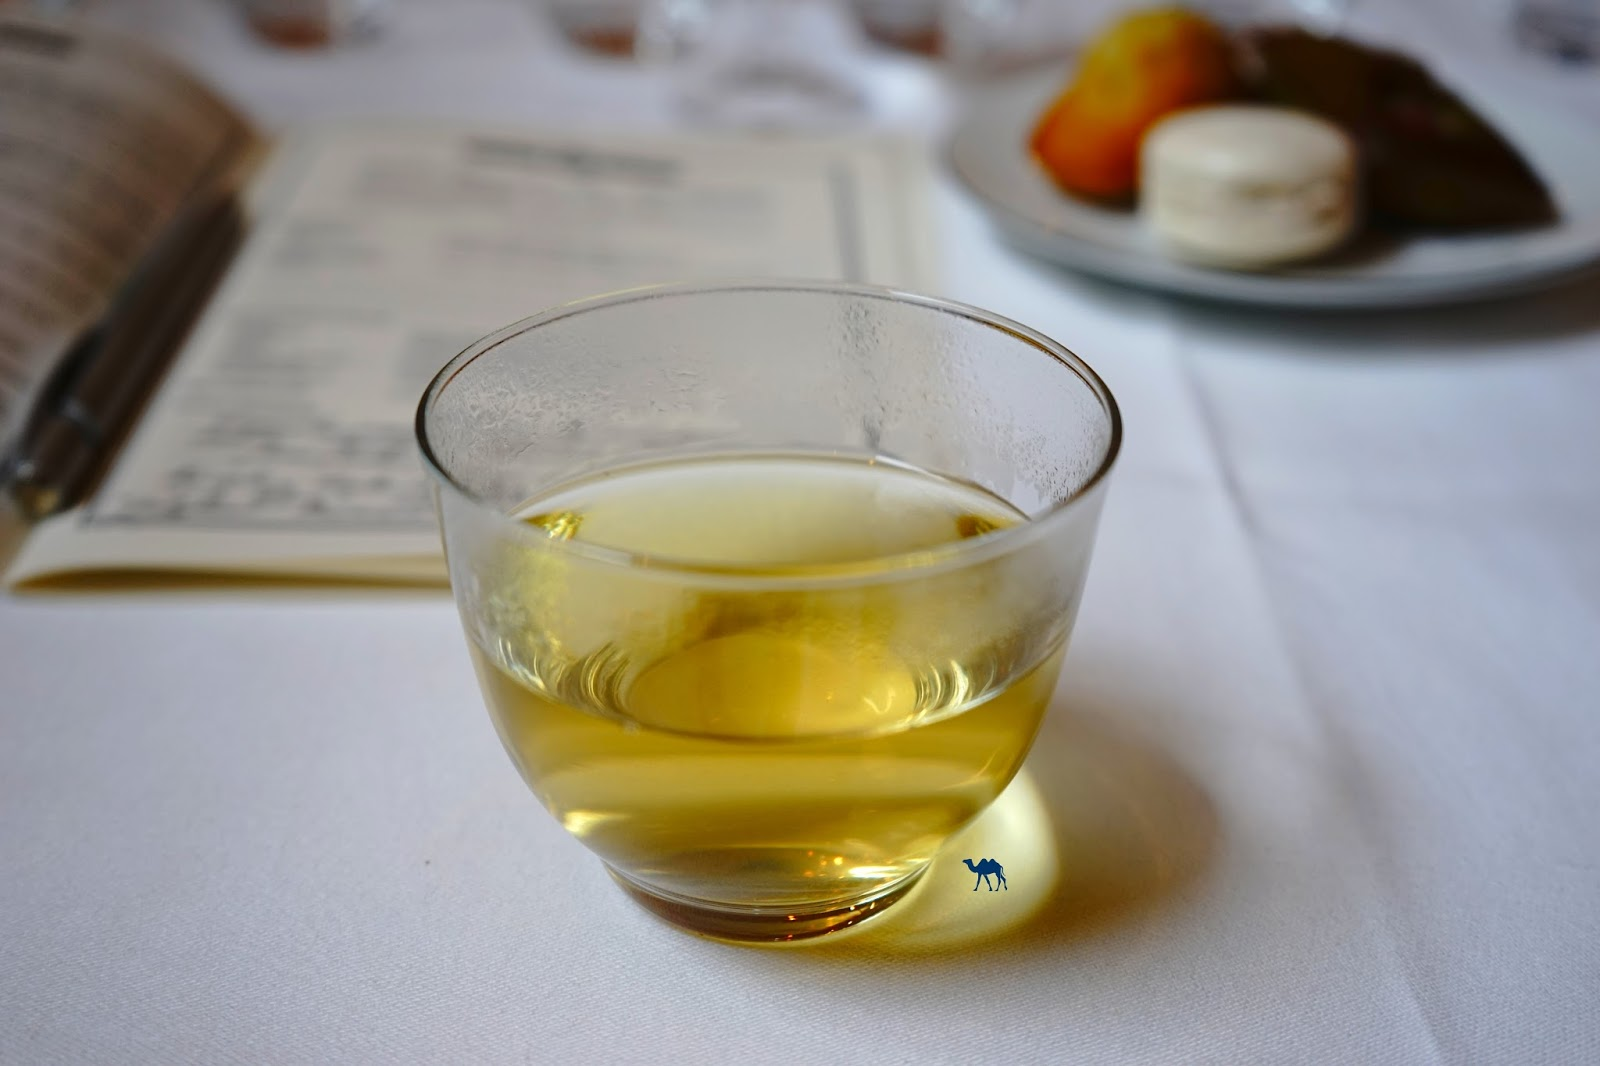 Le Chameau Bleu - thé japonais de Mariage Frère - Paris - Teaaddict